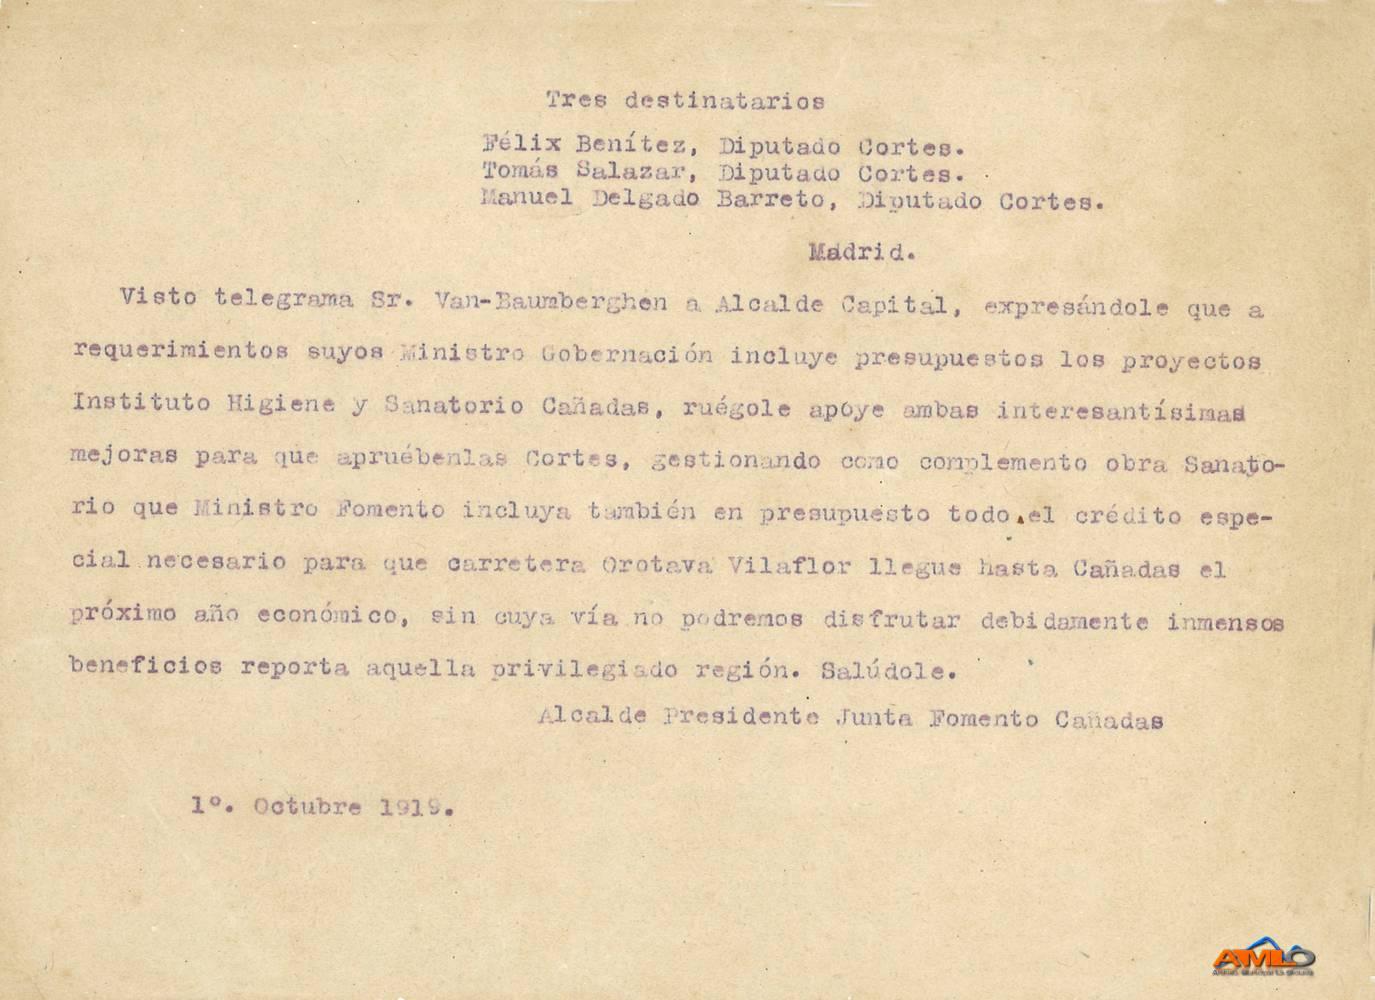 Telegrama presupuesto Instituto de Higiene y Sanatorio de Las Cañadas